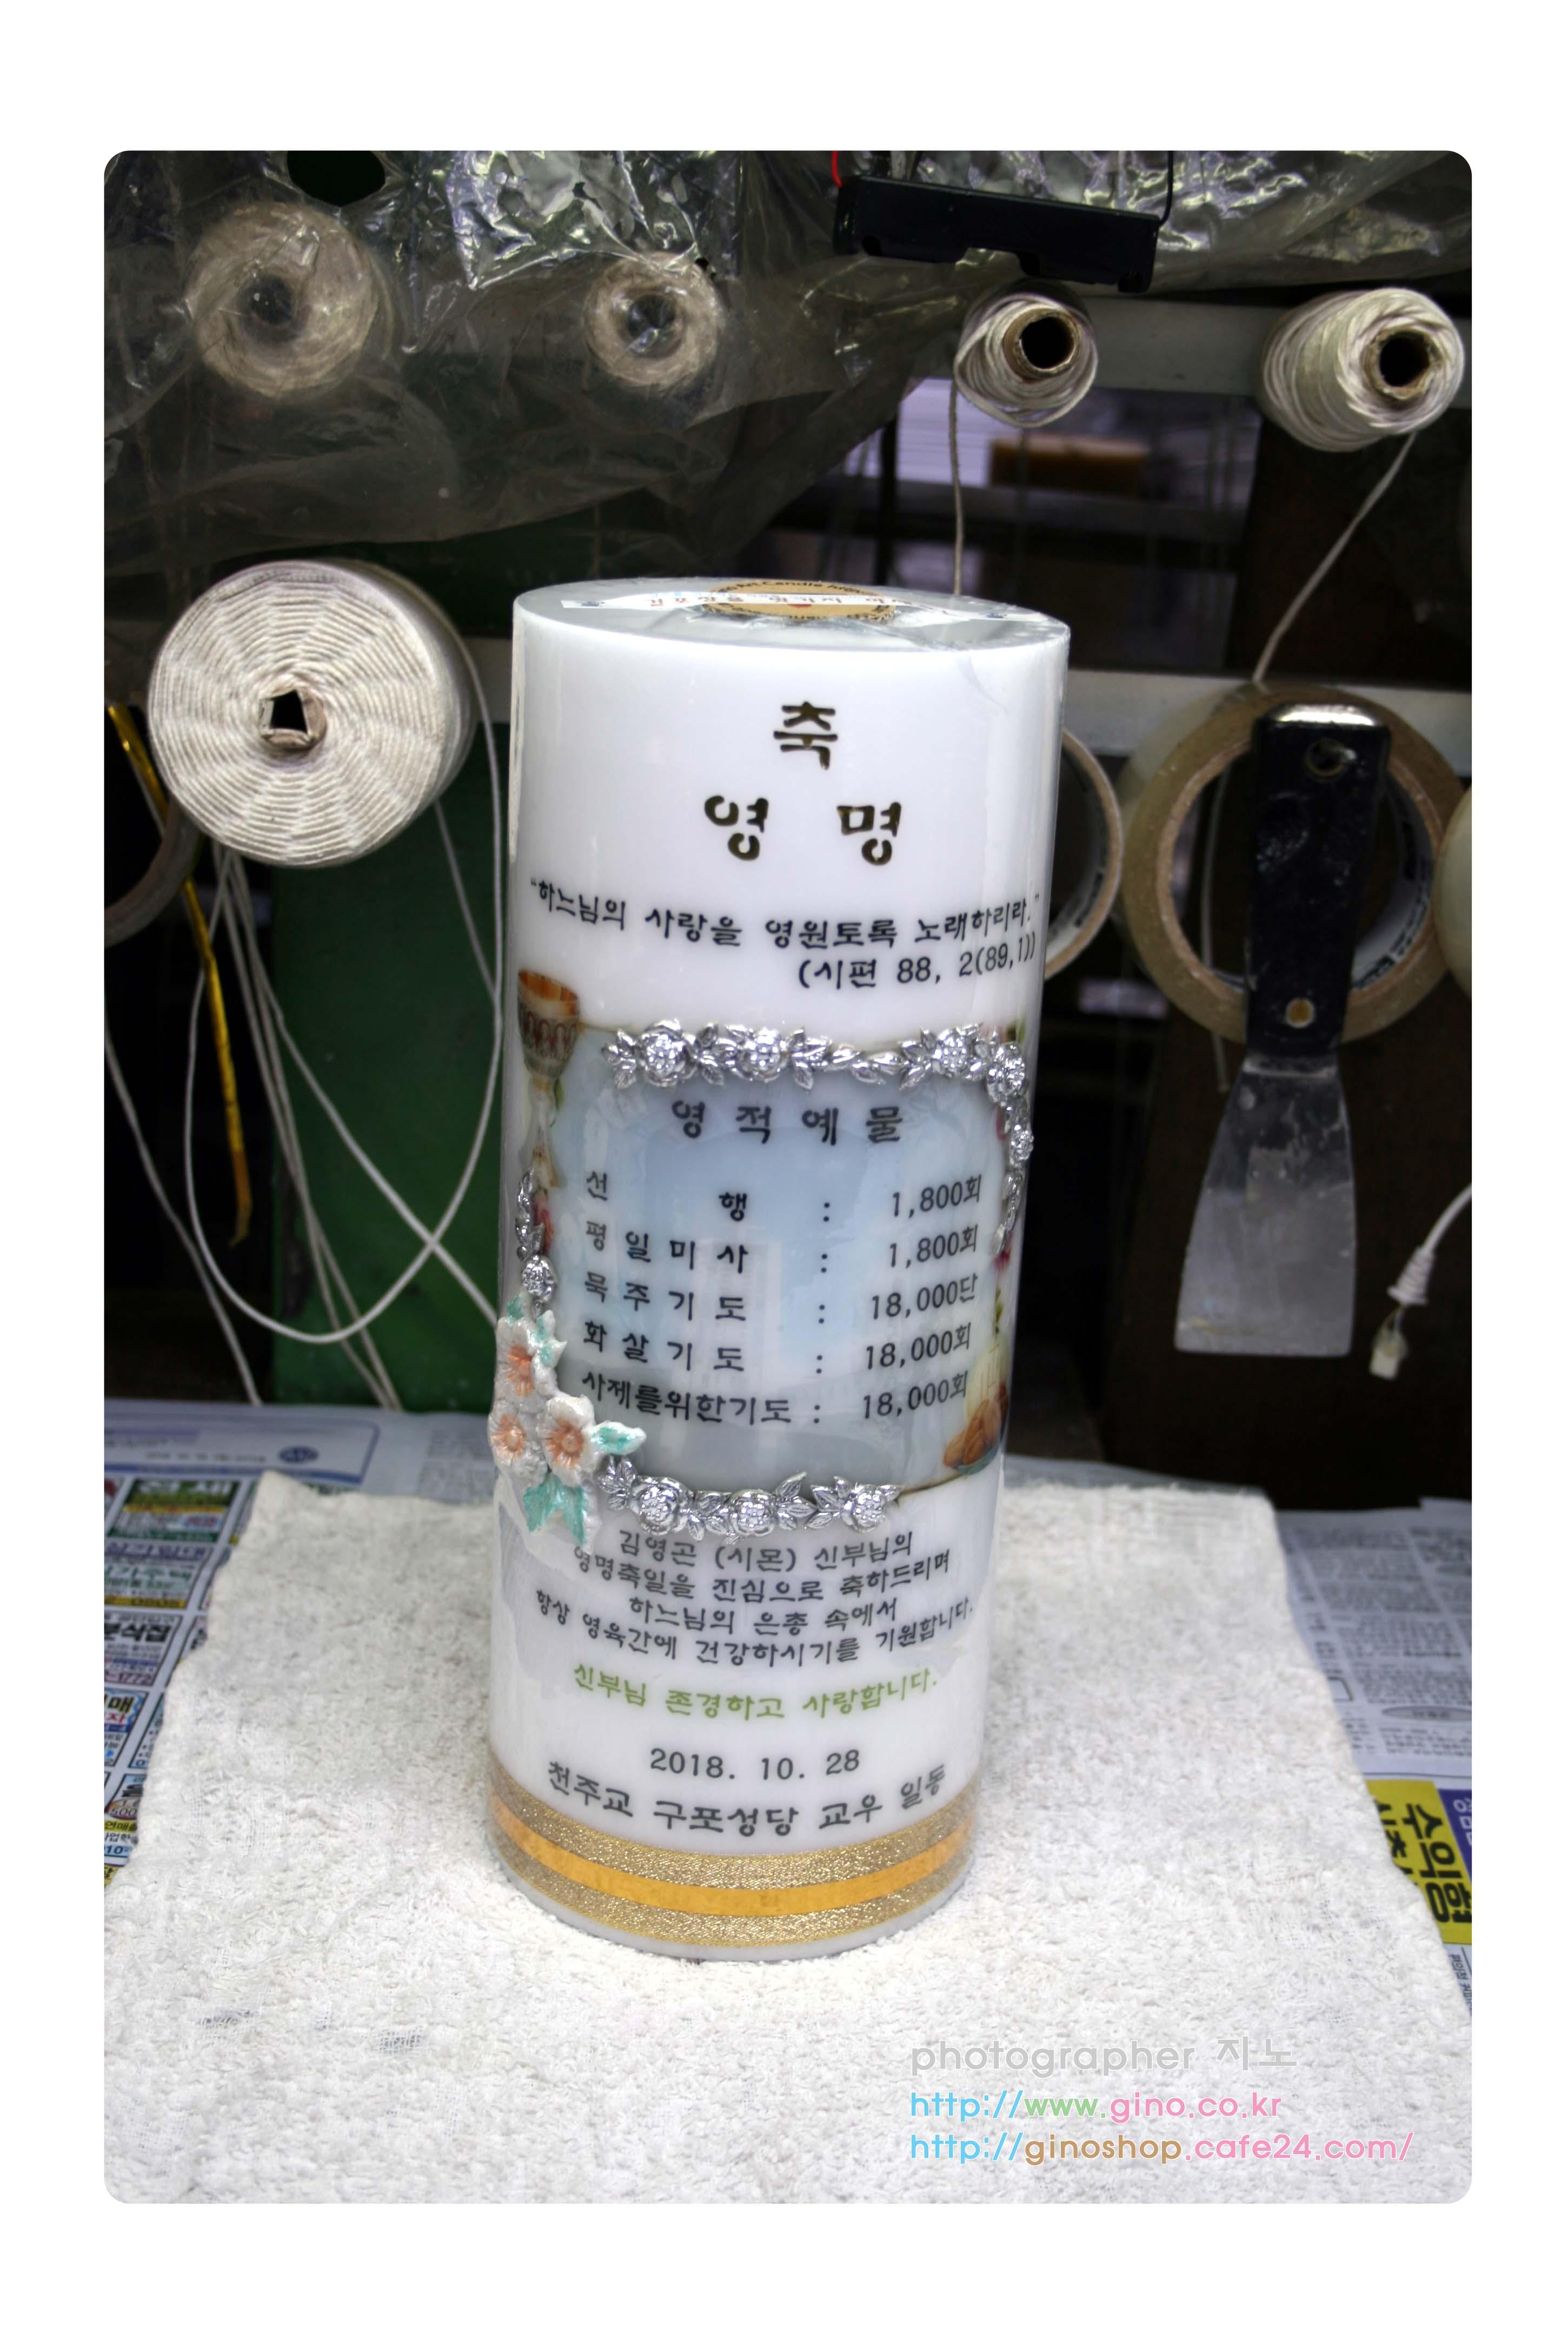 구포성당 김영곤(시몬)신부님 영명축일 캔들